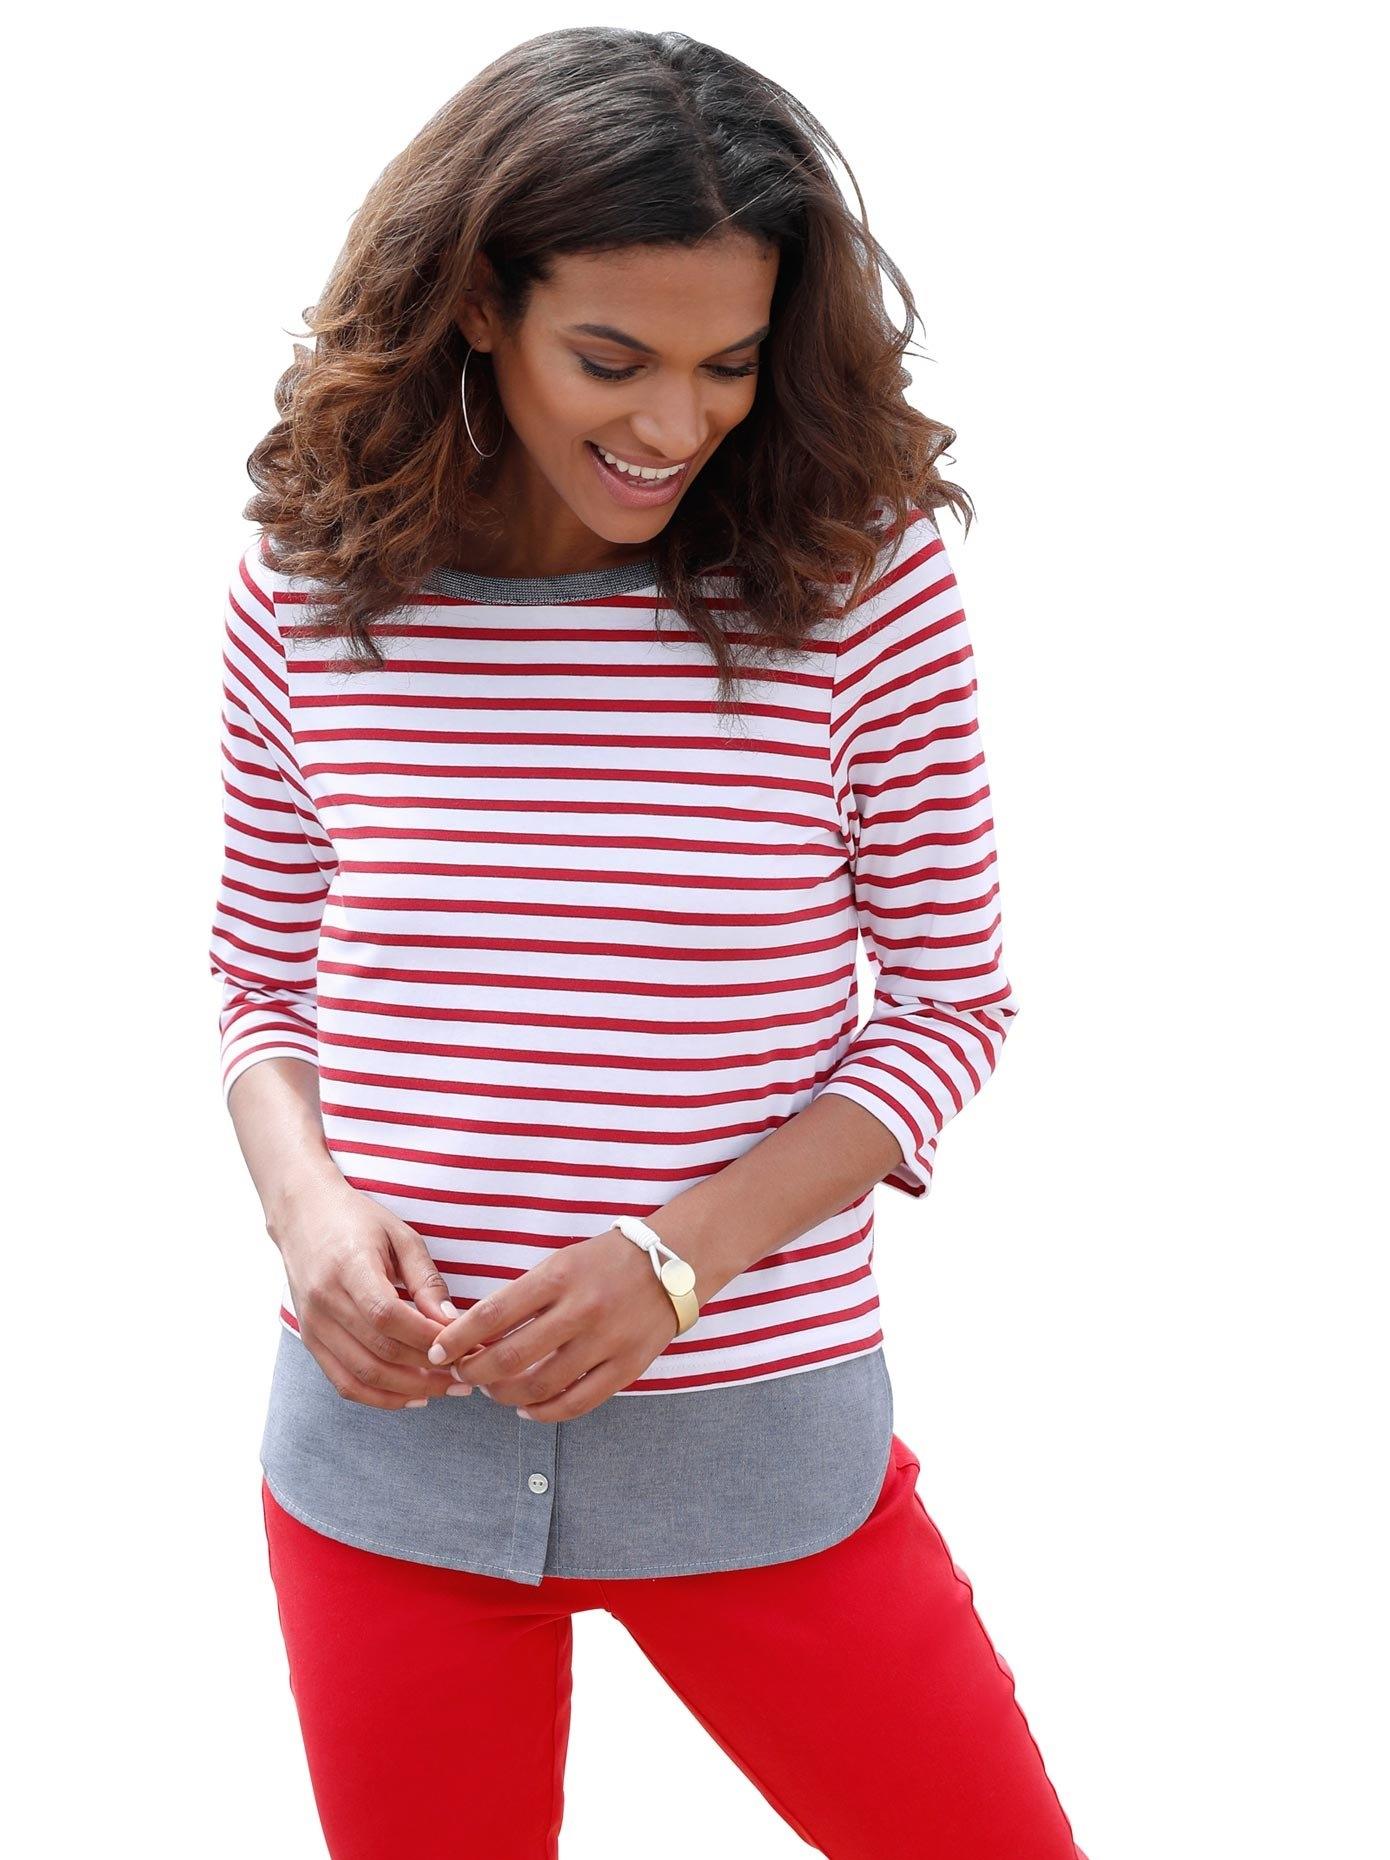 Op zoek naar een Casual Looks shirt in 2-in-1-look? Koop online bij OTTO